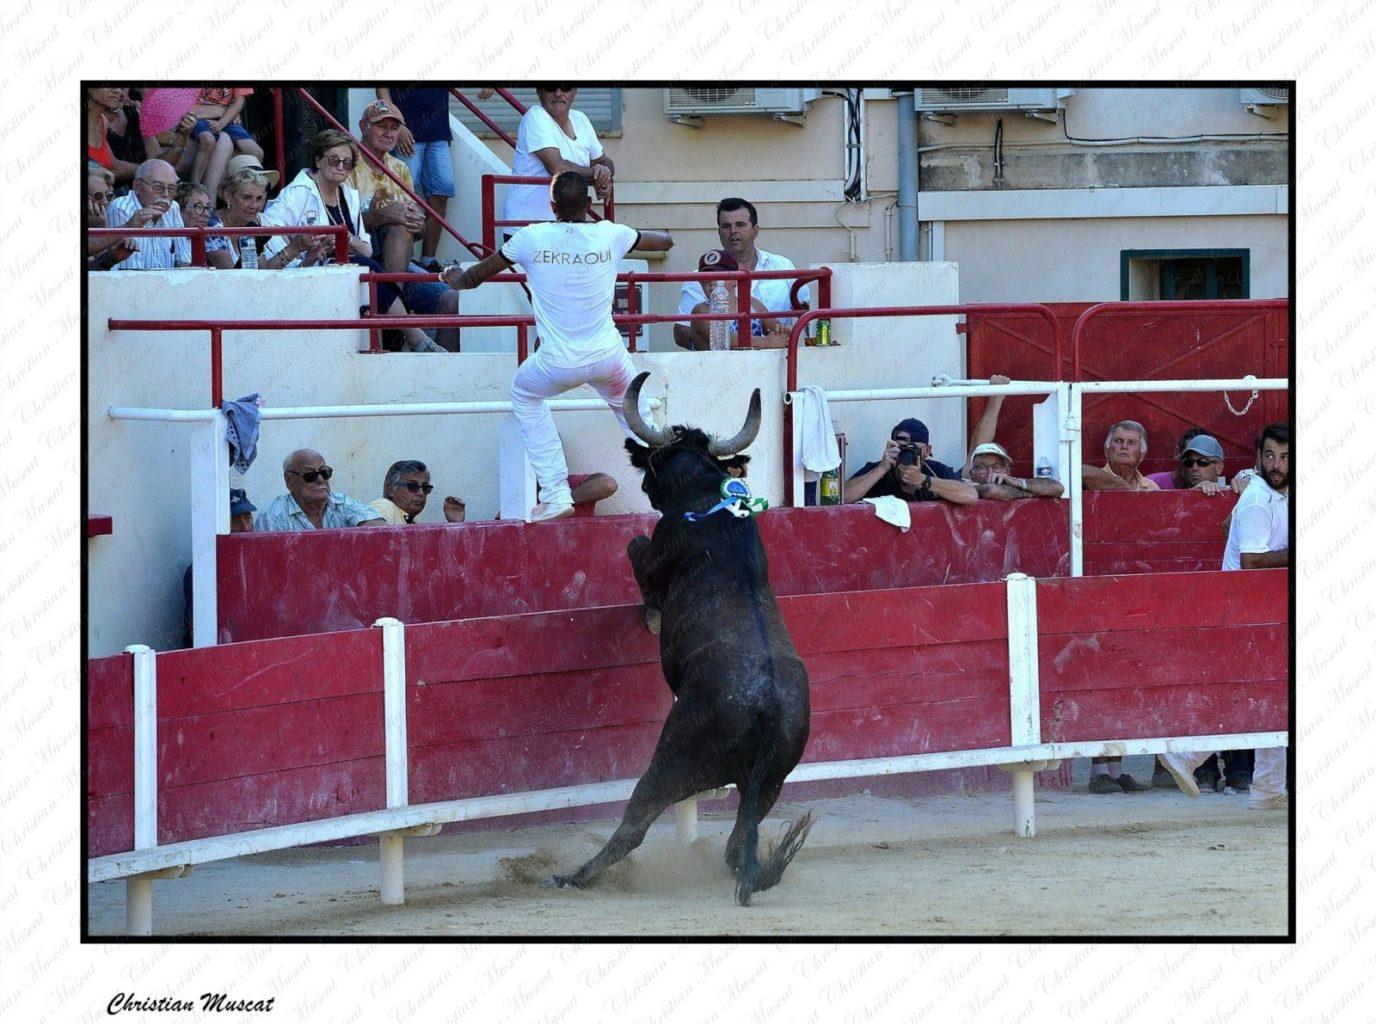 NIMOIS fierté de la manade Fabre Mailhan